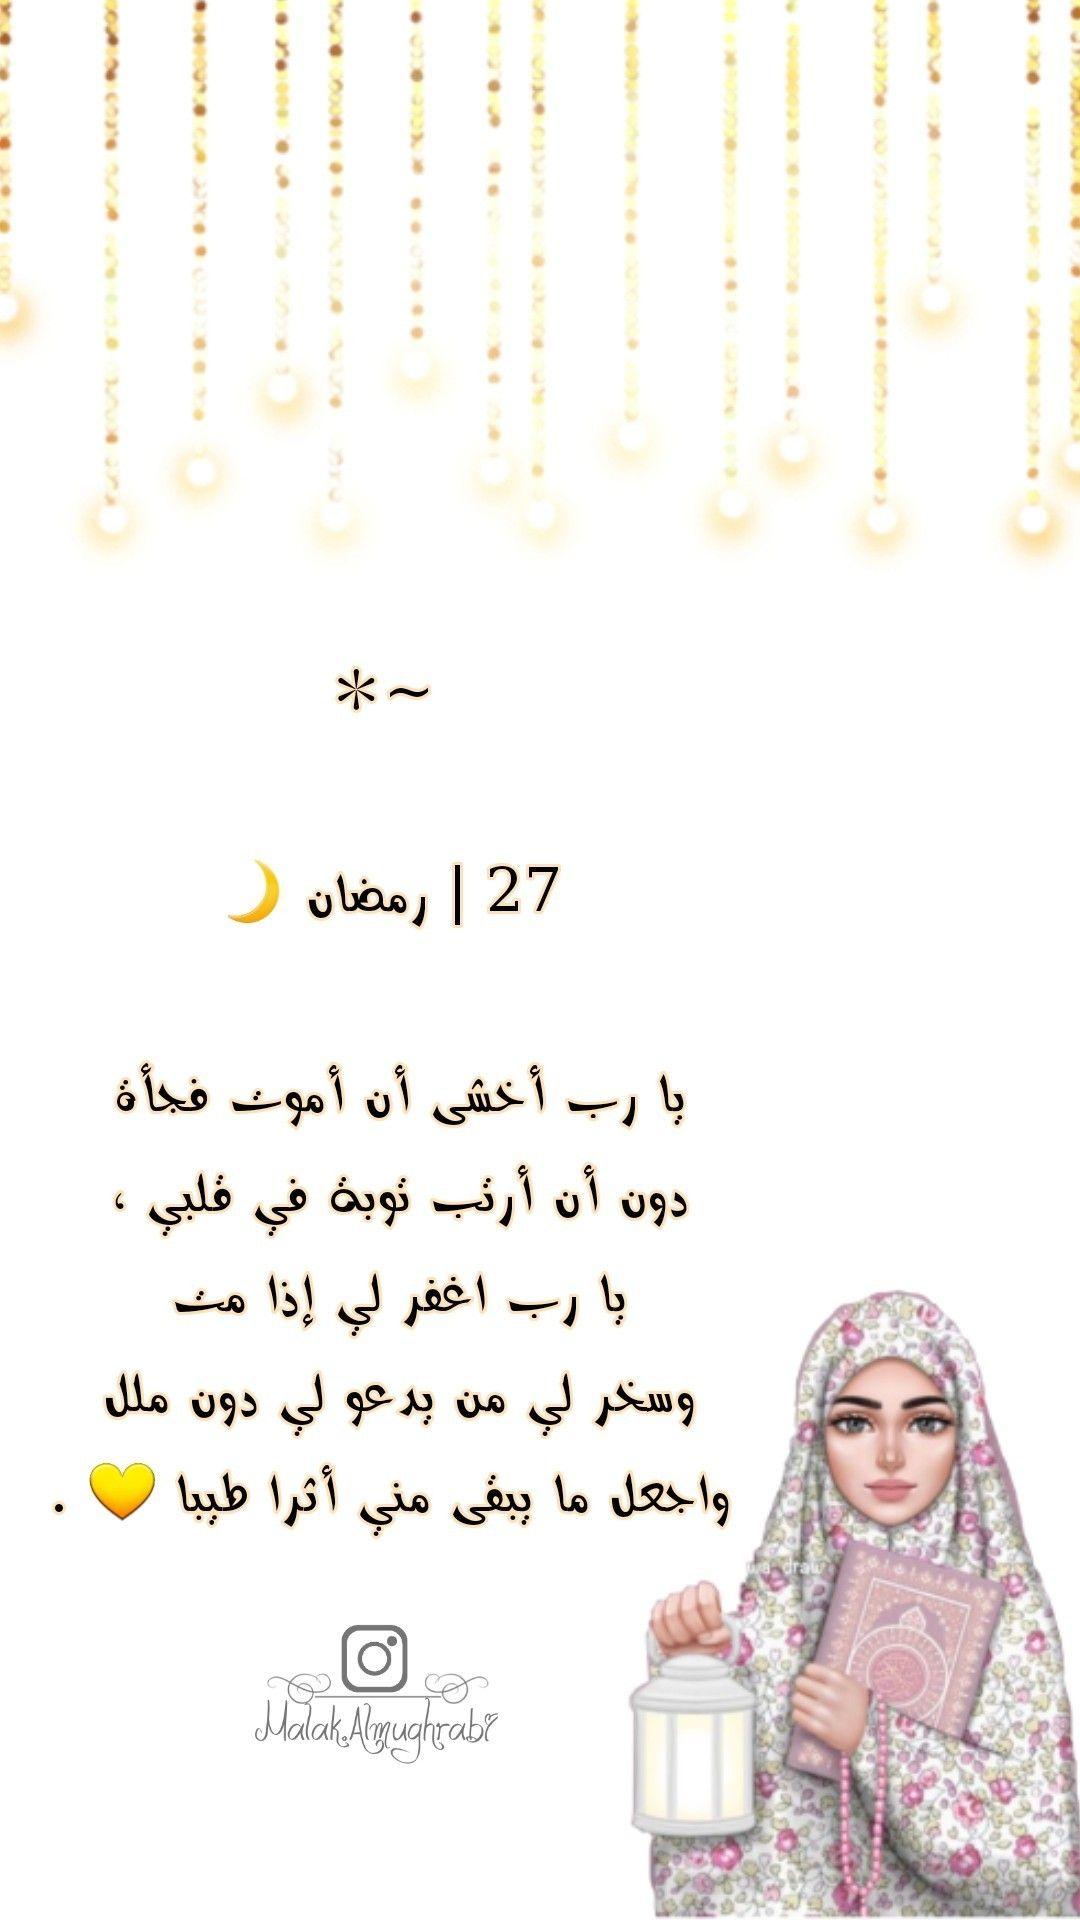 27 رمضان يا رب أخشى أن أموت فجأة دون أن أرتب توبة في قلبي يا رب اغفر لي إذا مت وسخر لي من يدعو لي دون ملل وا